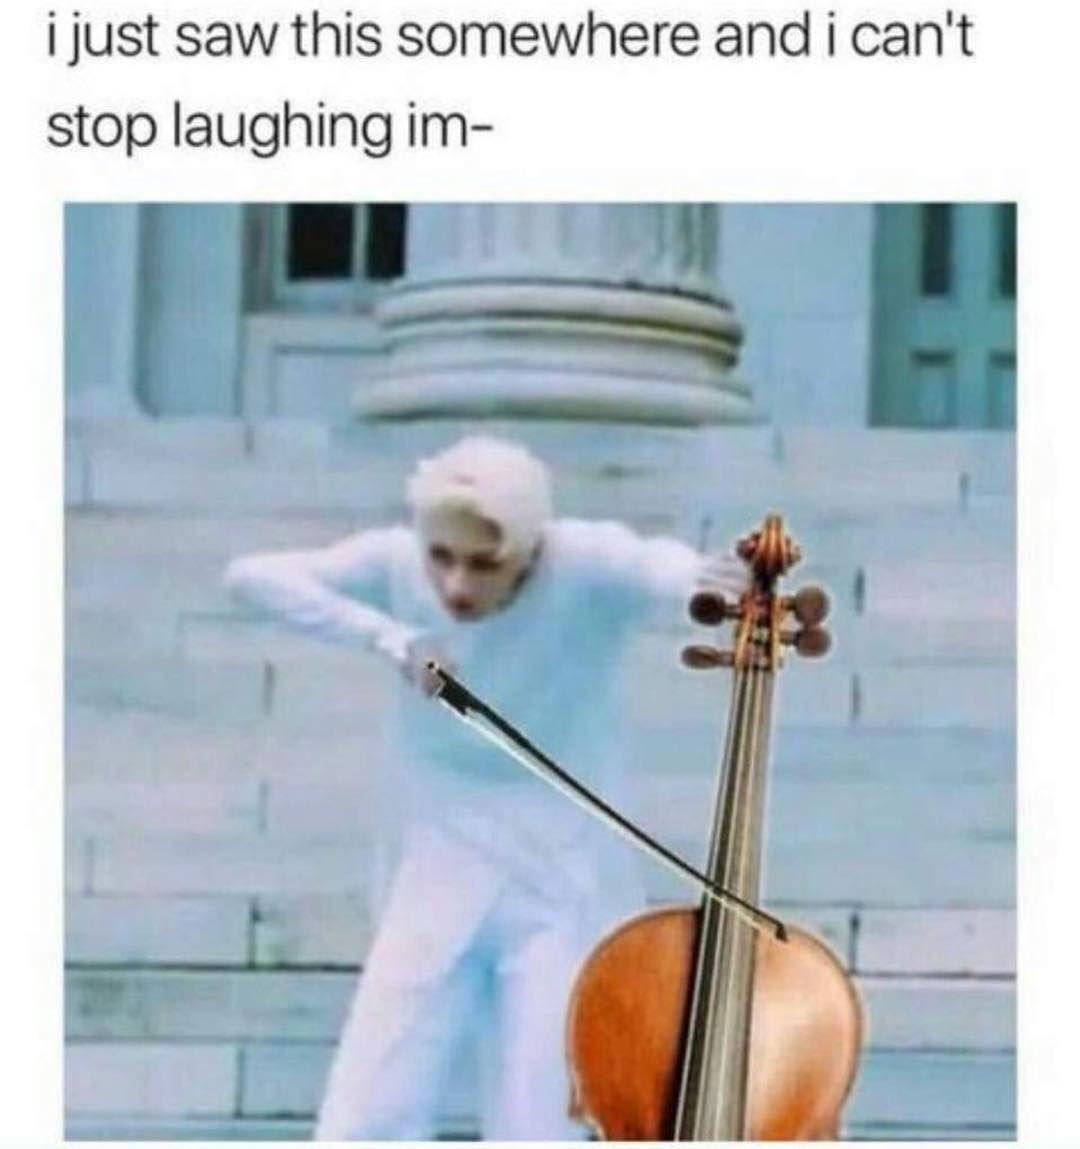 uhhhhhhhhhHHHHAHAH